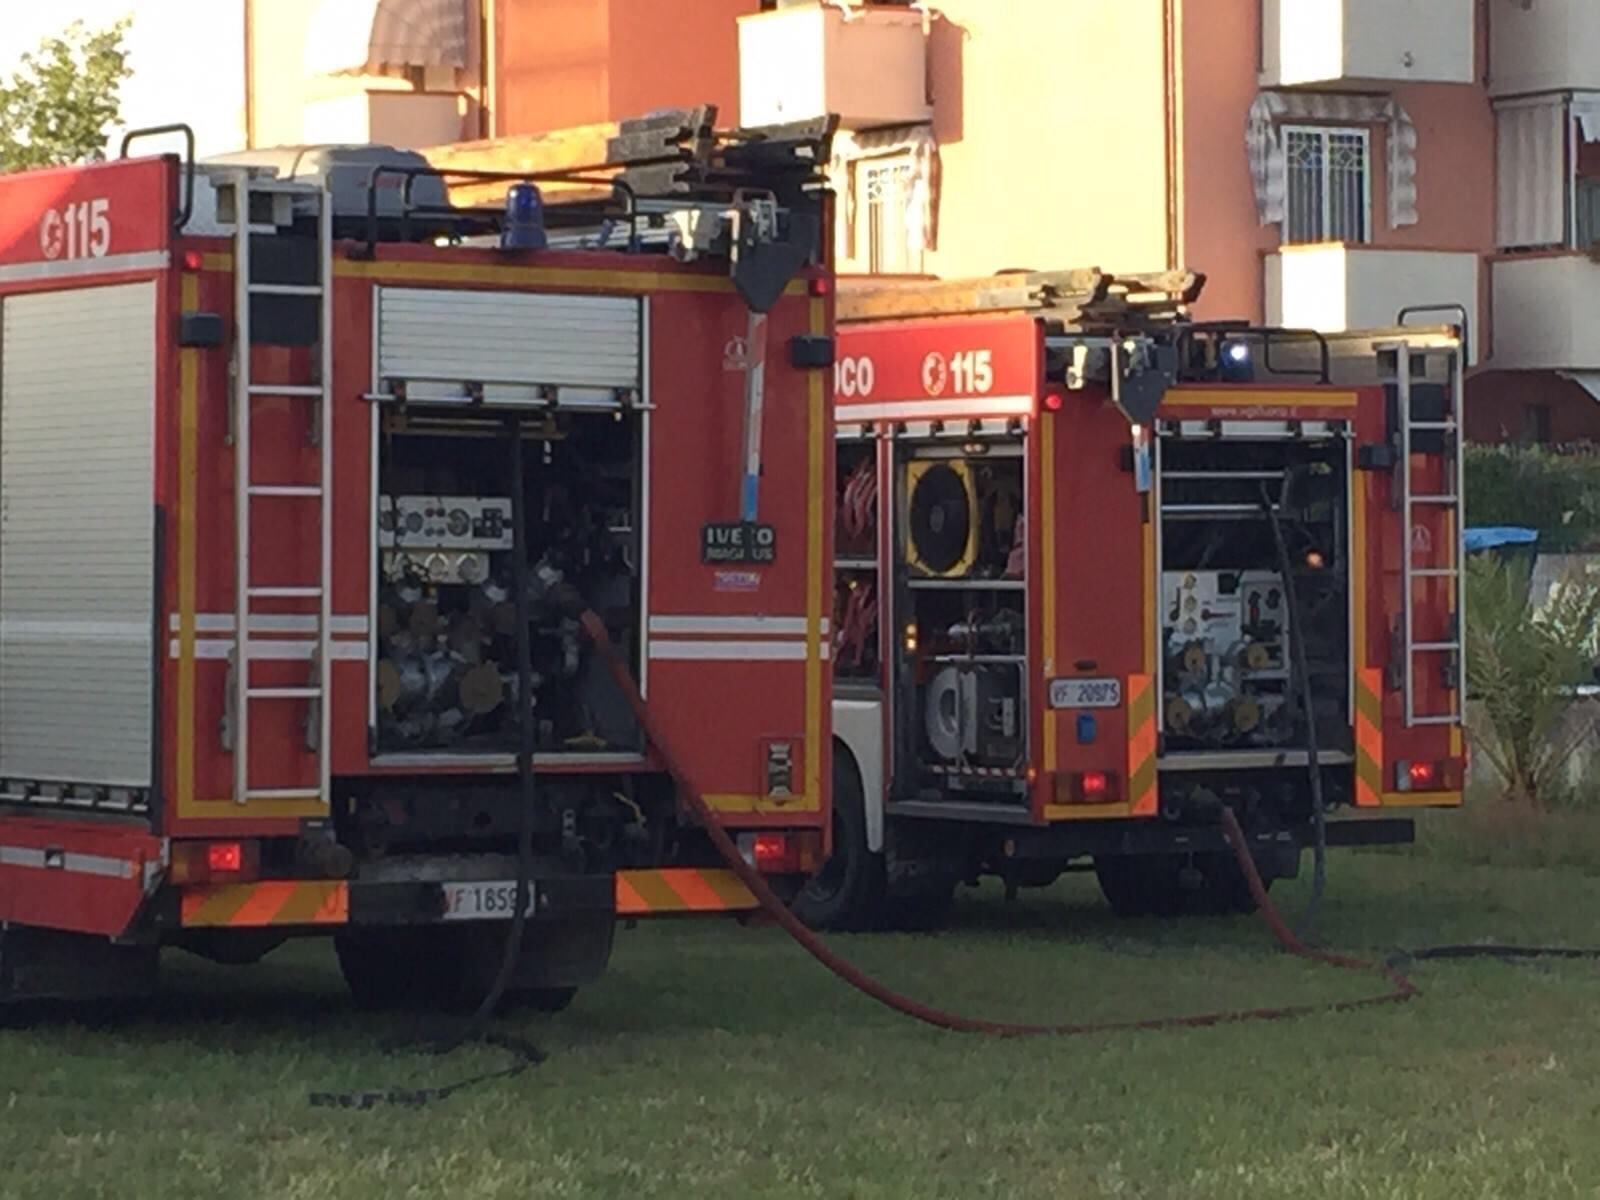 Ancora fiamme a Viareggio. Incendio in un negozio di kebab